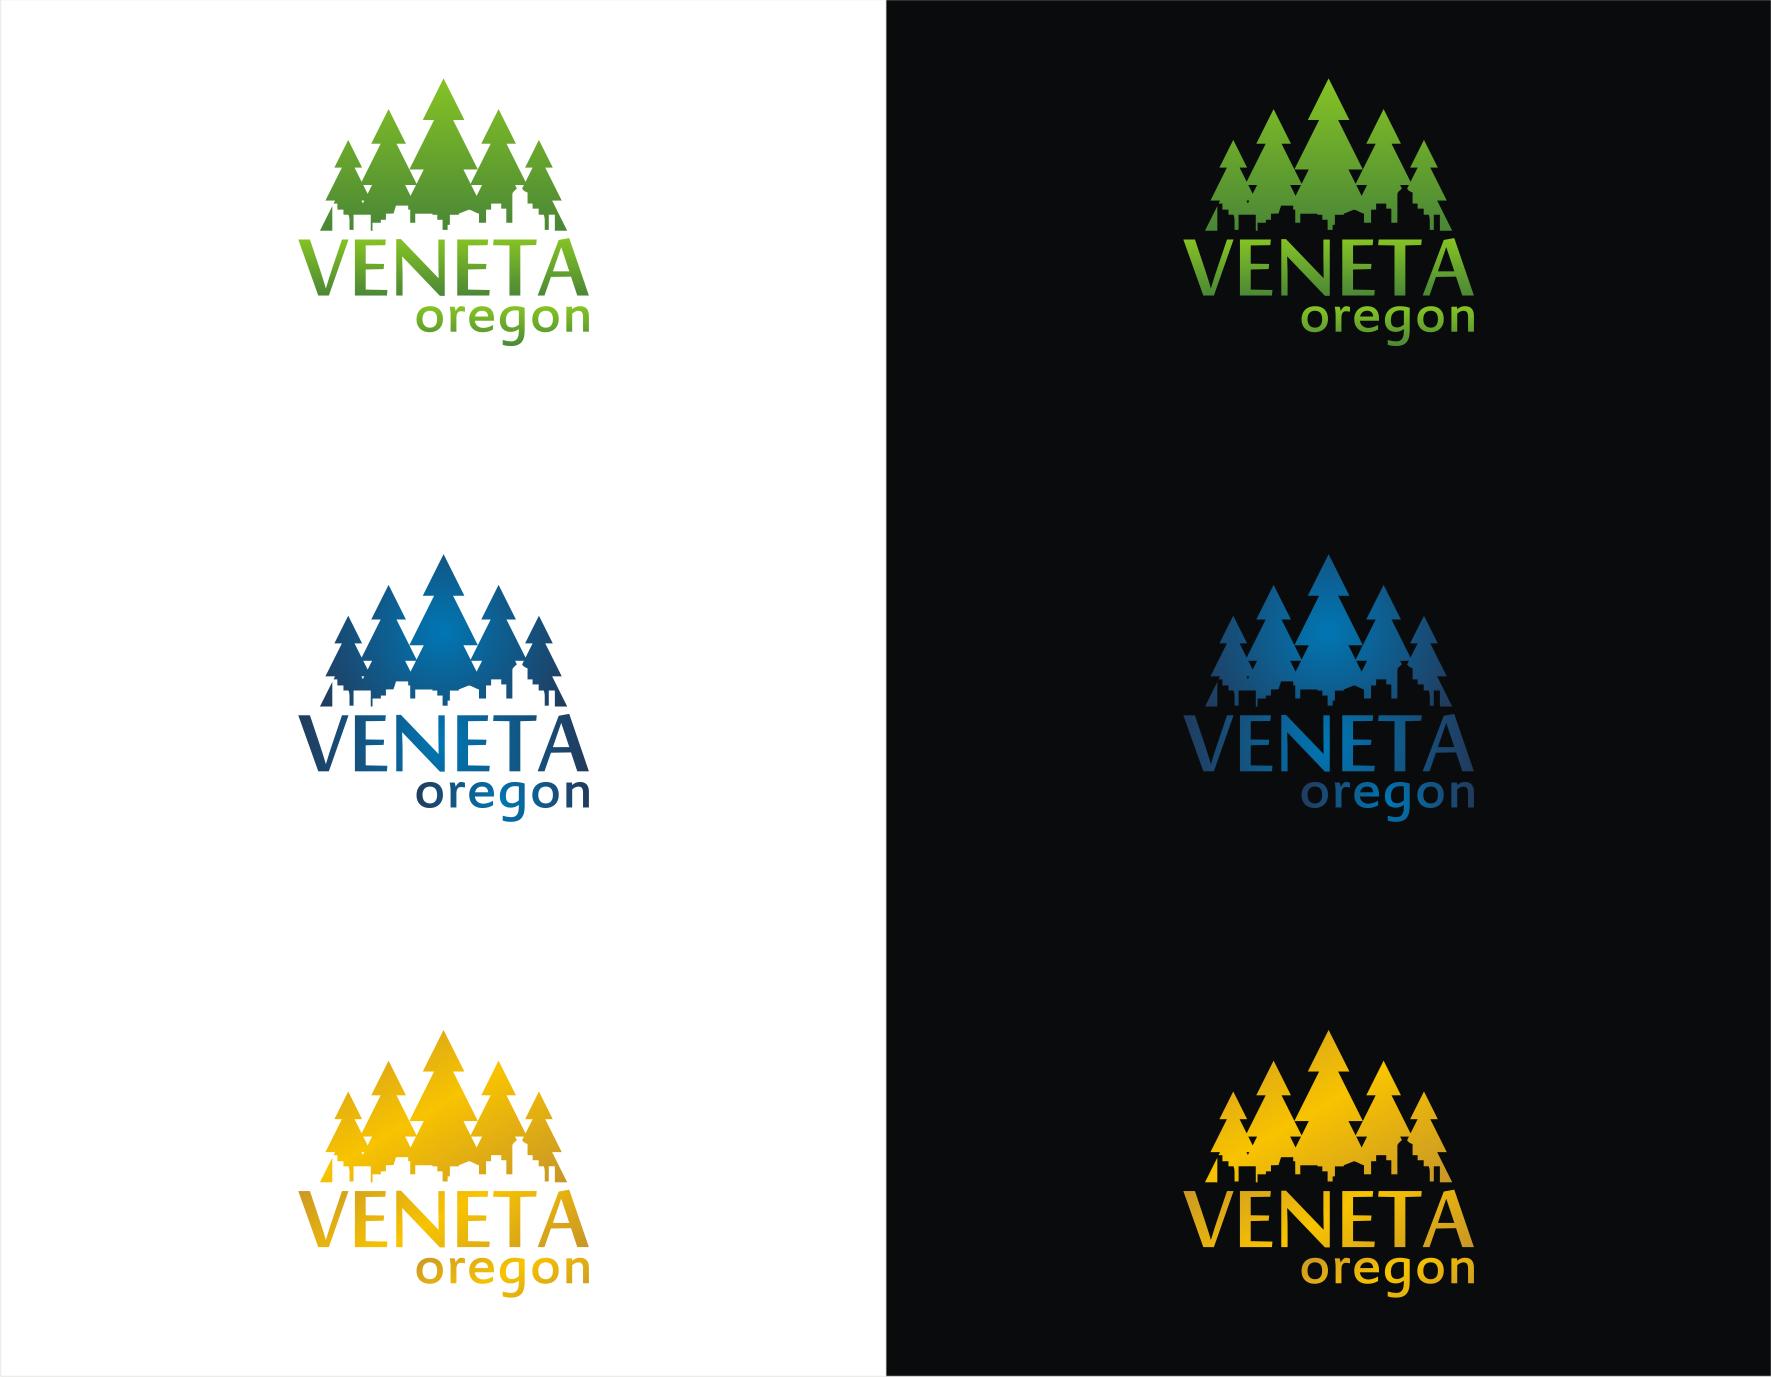 Design a logo for the City of Veneta